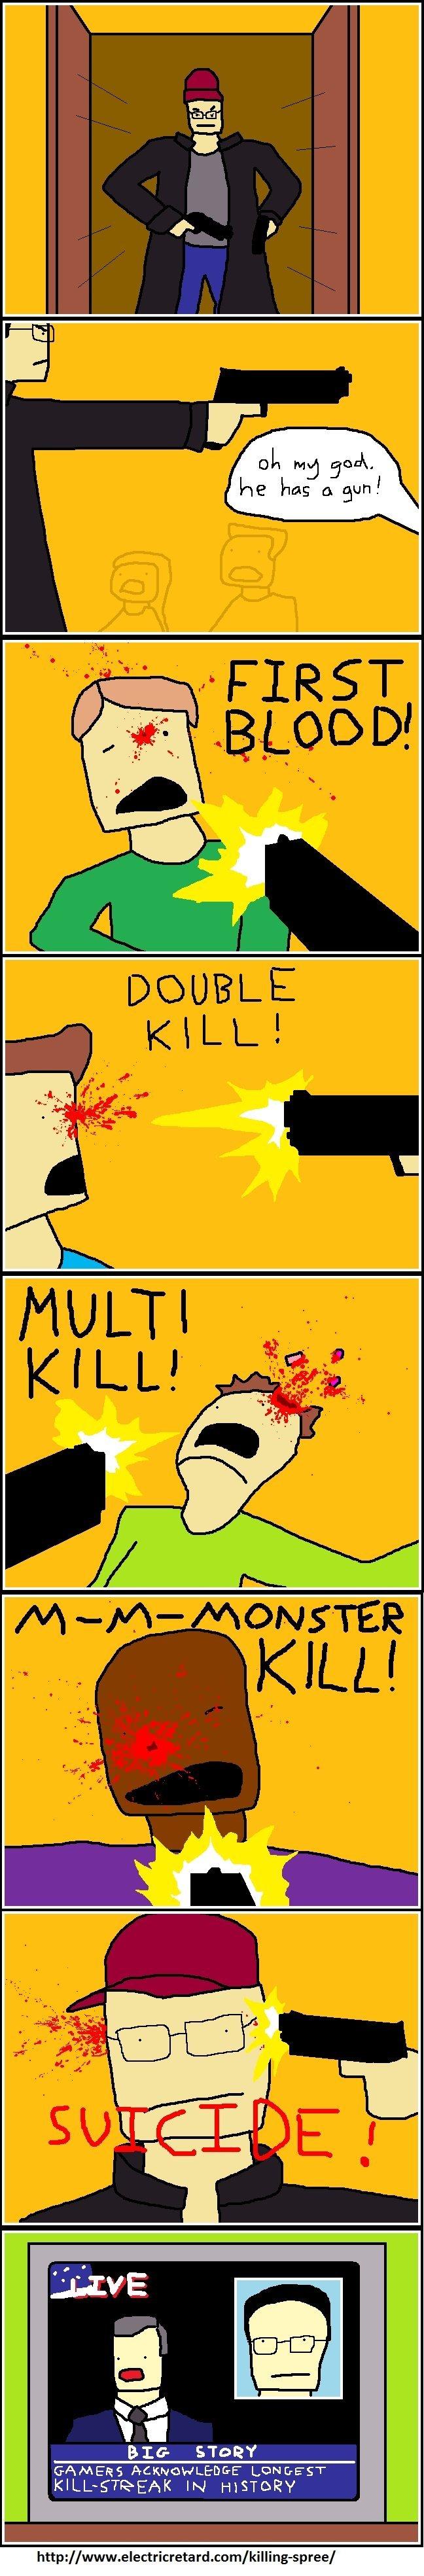 Killing spree. . BIG NEUEN GAMERS A electricretard xom/ / Killing spree BIG NEUEN GAMERS A electricretard xom/ /